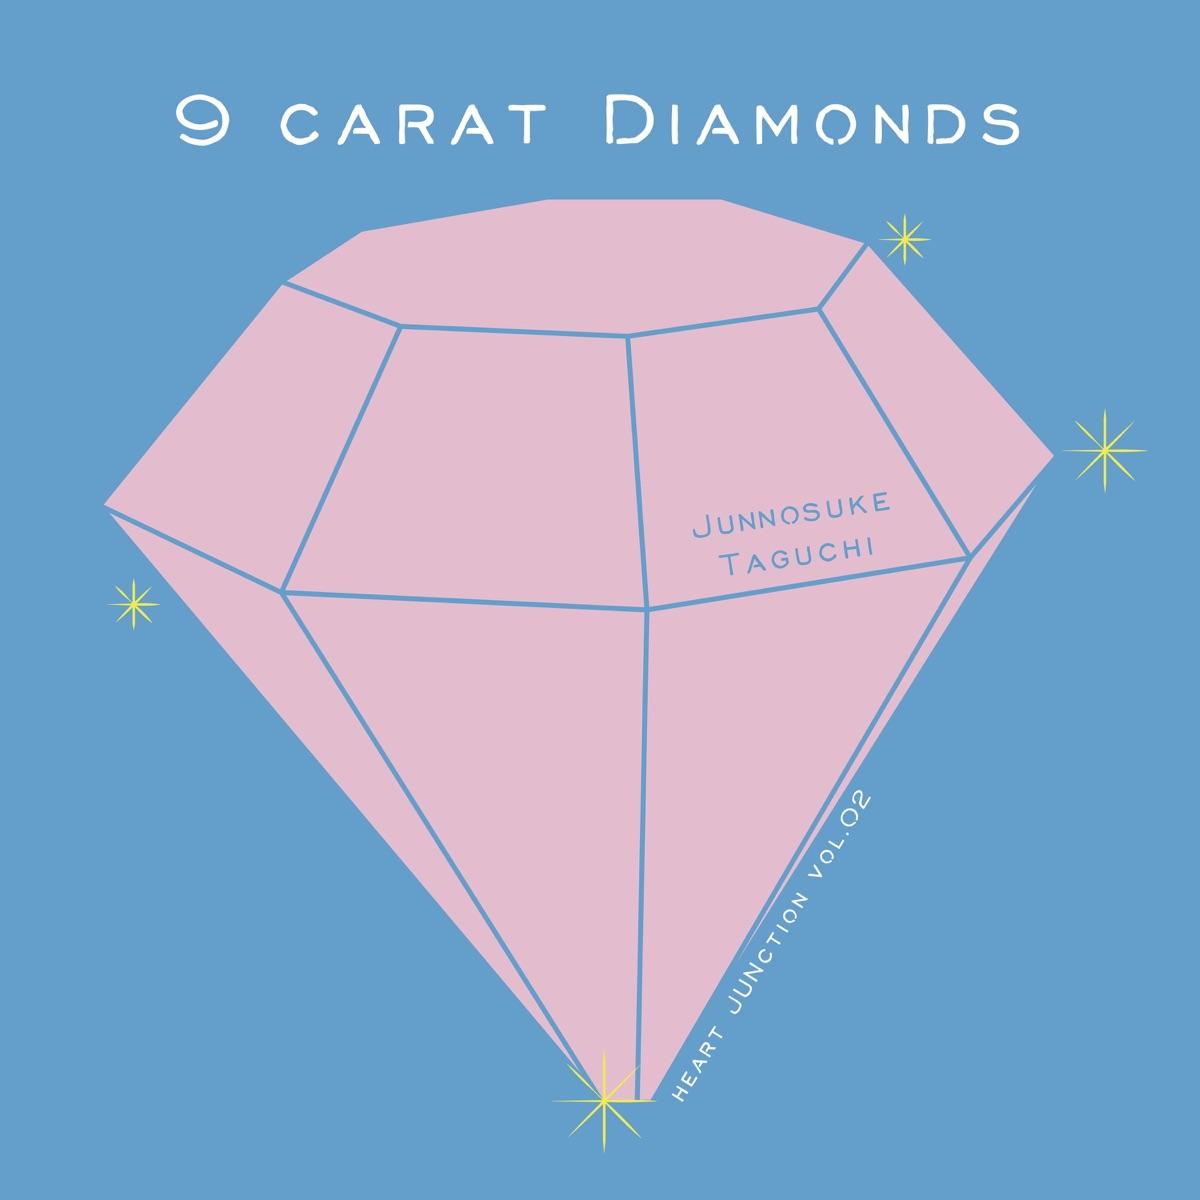 『田口淳之介 - 今夜だけは踊っていたいよ (feat. 知田そら)』収録の『9 carat Diamonds』ジャケット